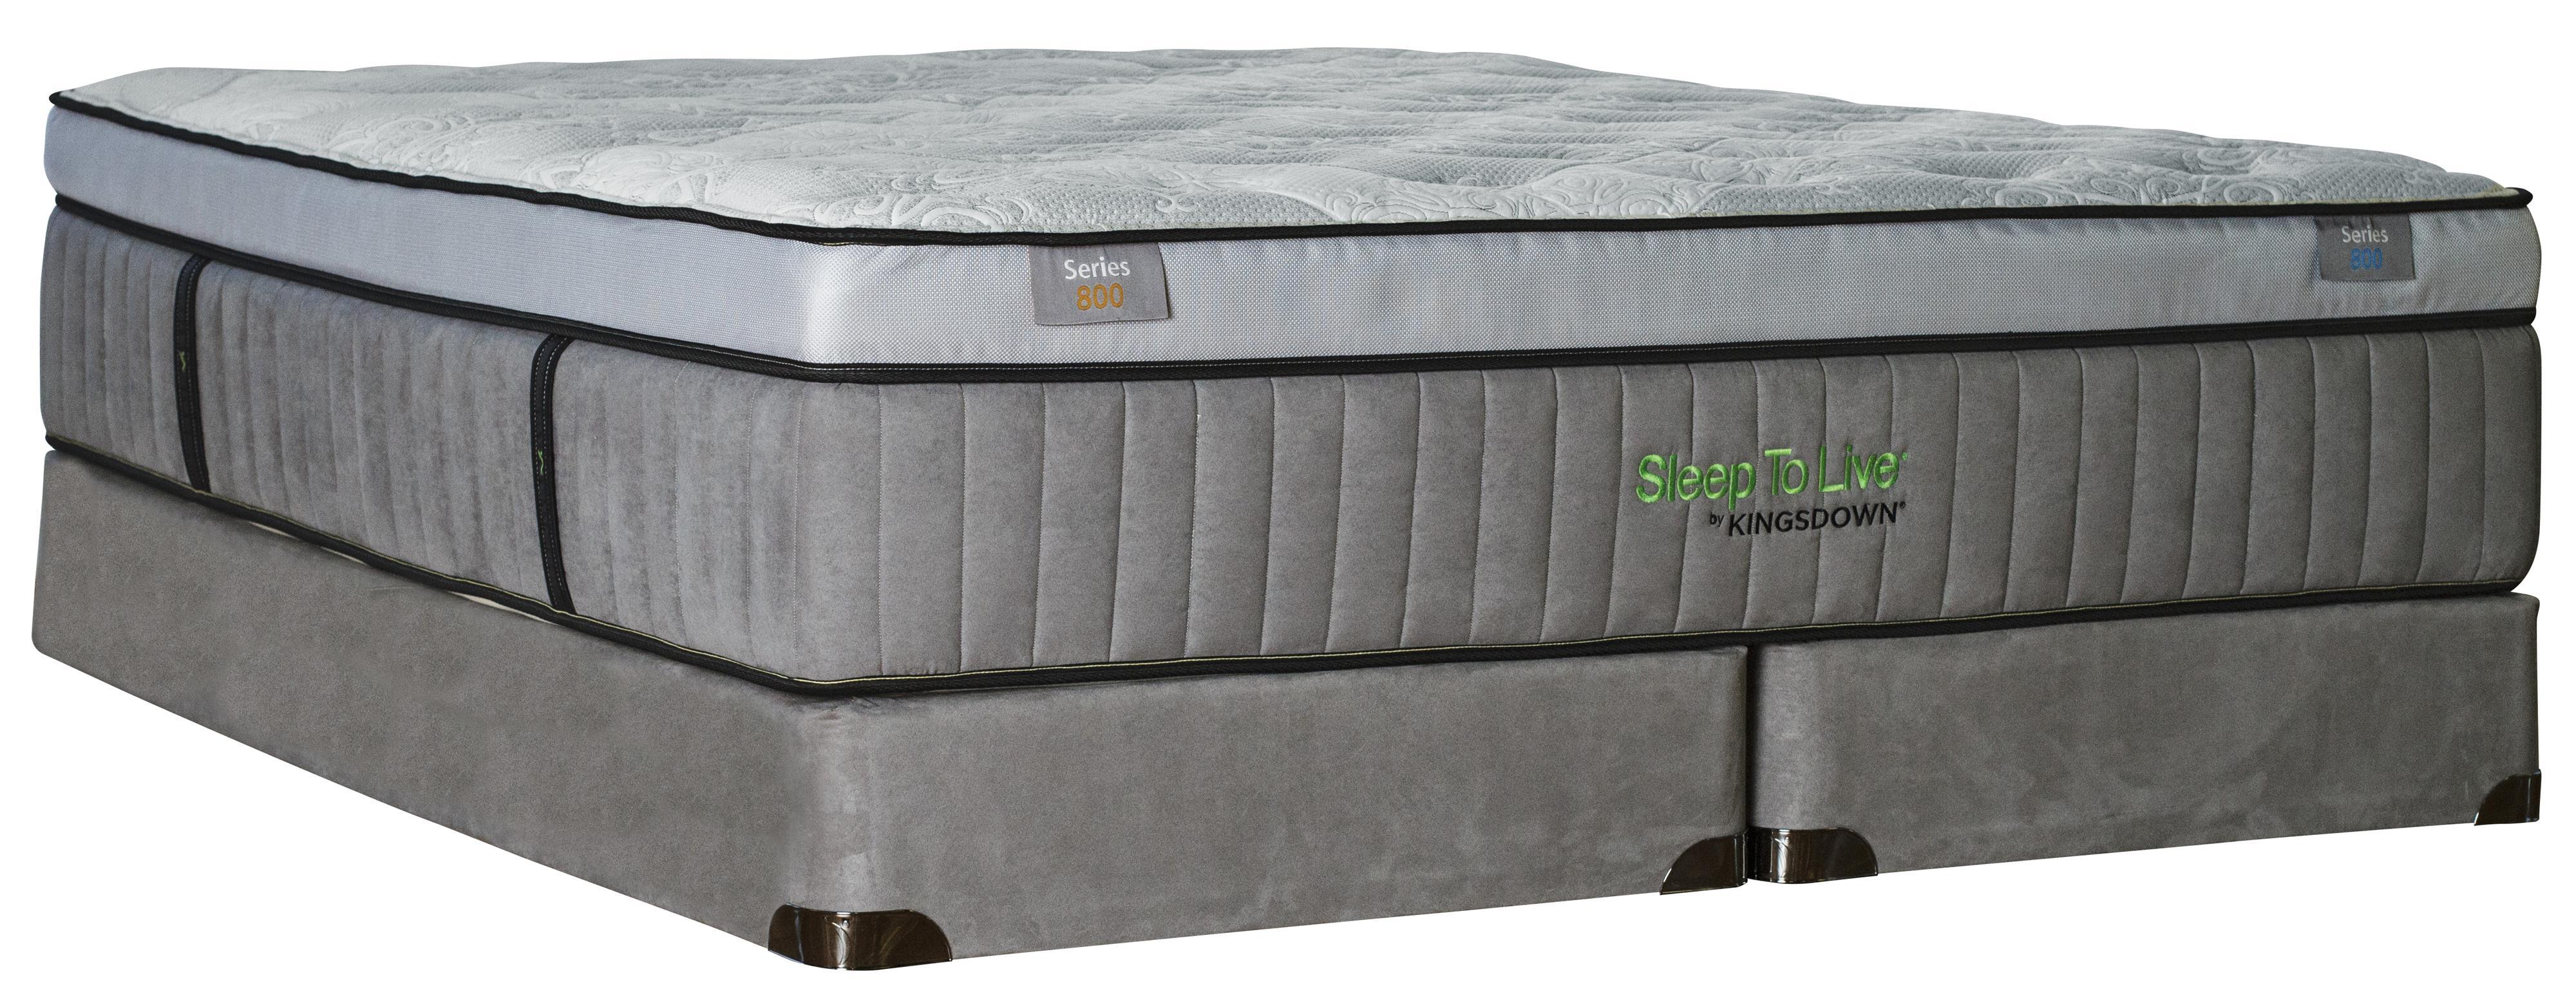 Kingsdown Sleep to Live 800 Twin XL Luxurios Box Top Mattress Set - Item Number: Series800-TXL+1128SFH-TXL